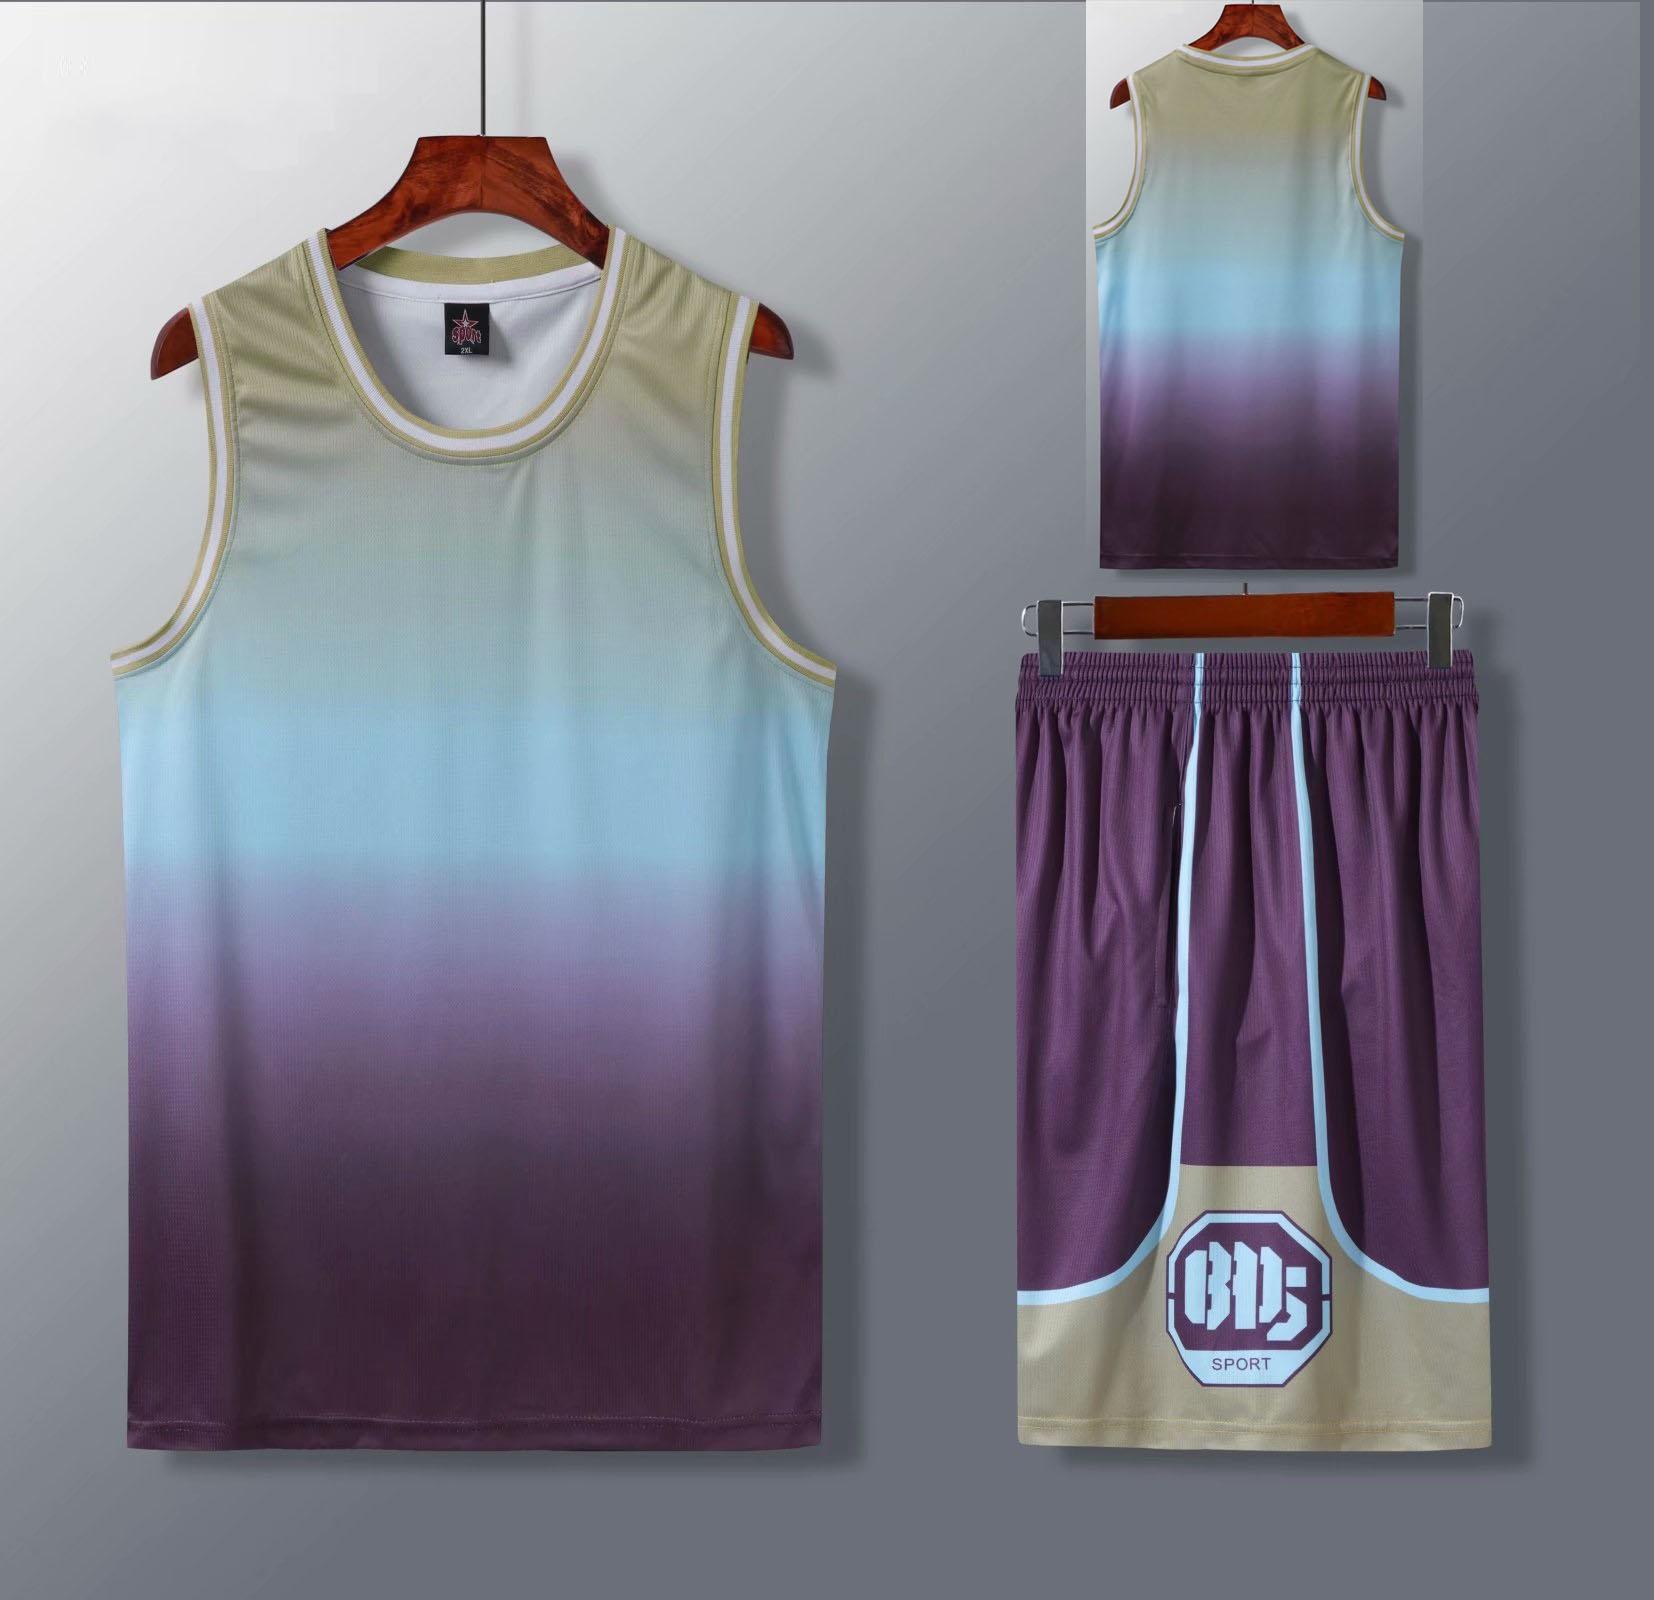 Conjuntos de Jérsei de Basquete Uniformes de Basquete Camisas de Basquete em Branco Barato Personalizado Feminino Ternos Esportivos Gradiente Secagem Rápida Crianças